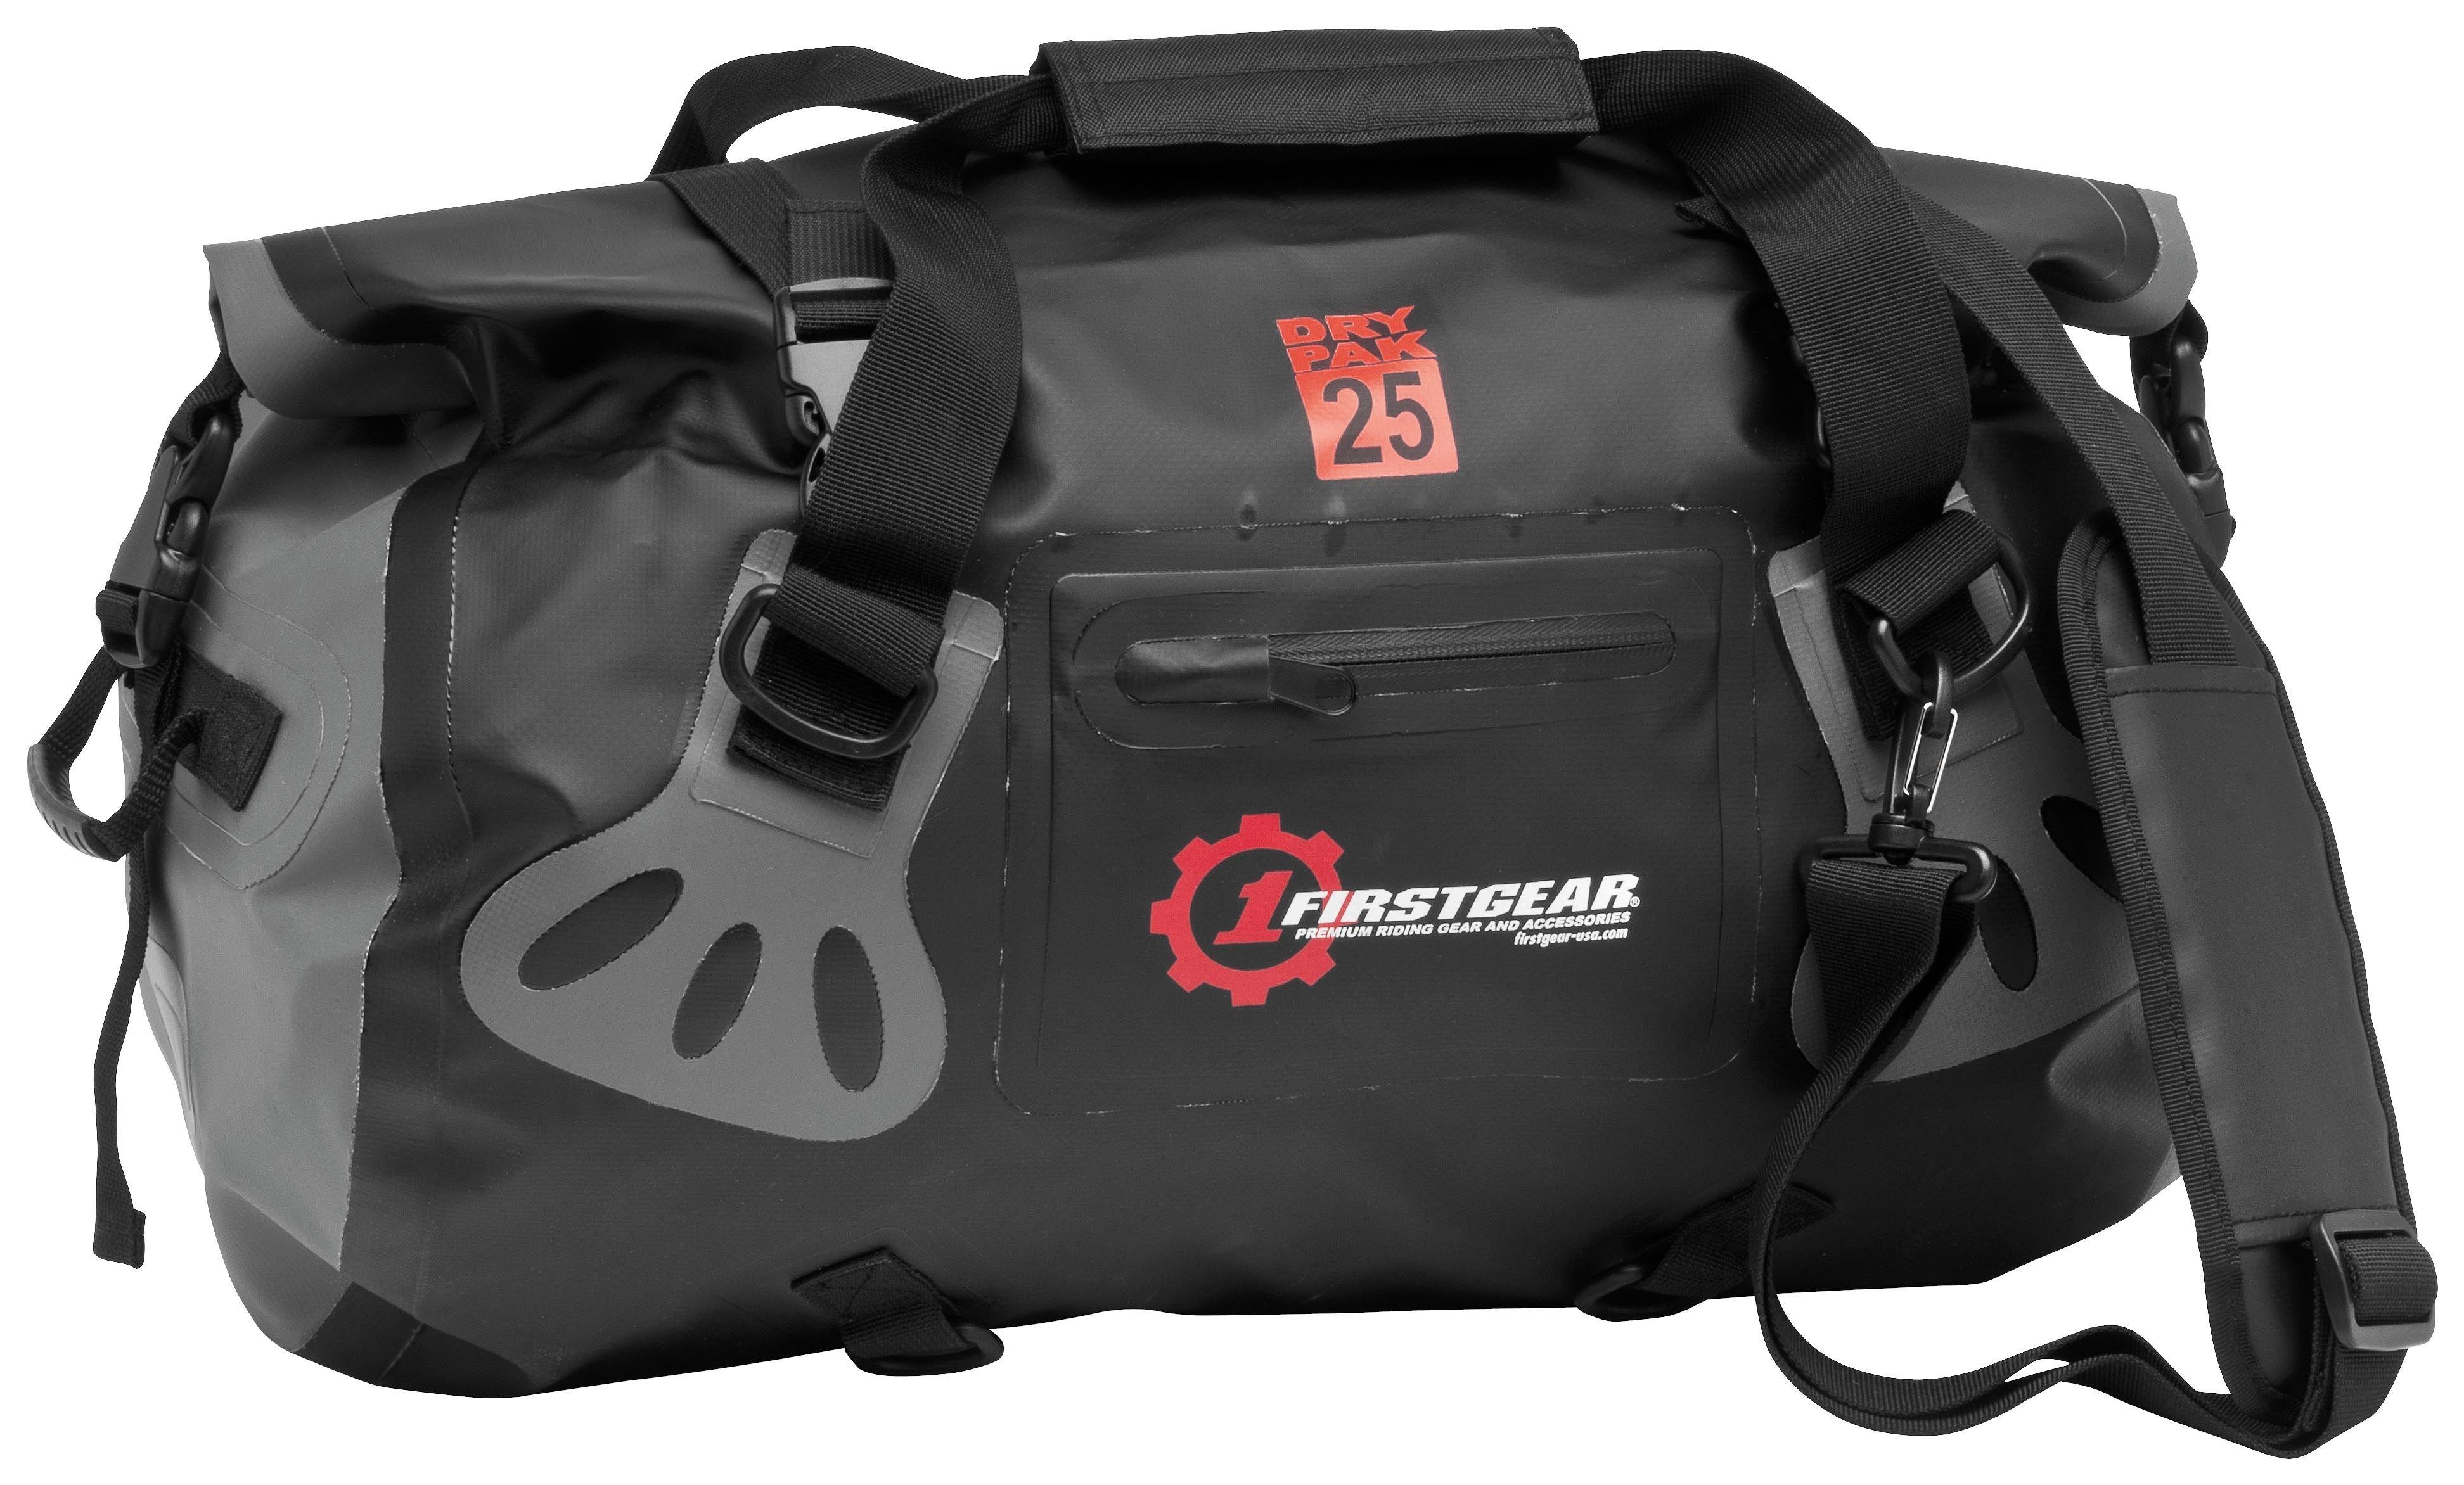 Firstgear Torrent Duffle Bag RevZilla